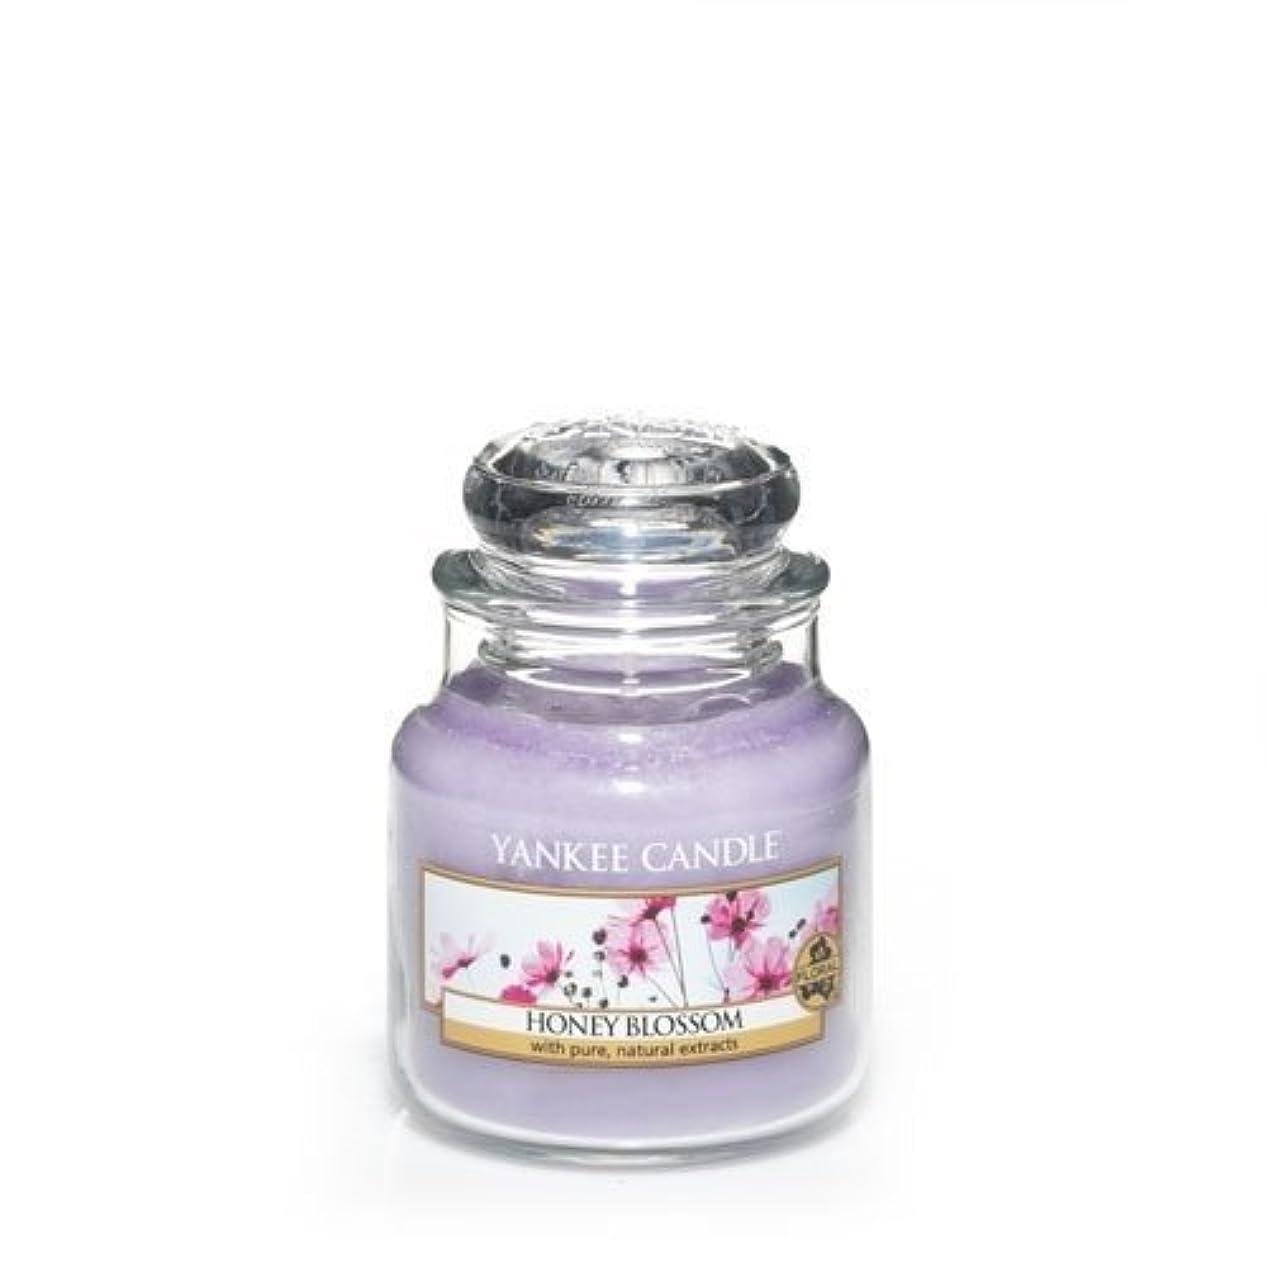 規定思春期の優しさYankee Candle Honey Blossom Small Jar Candle, Floral Scent by Yankee Candle [並行輸入品]